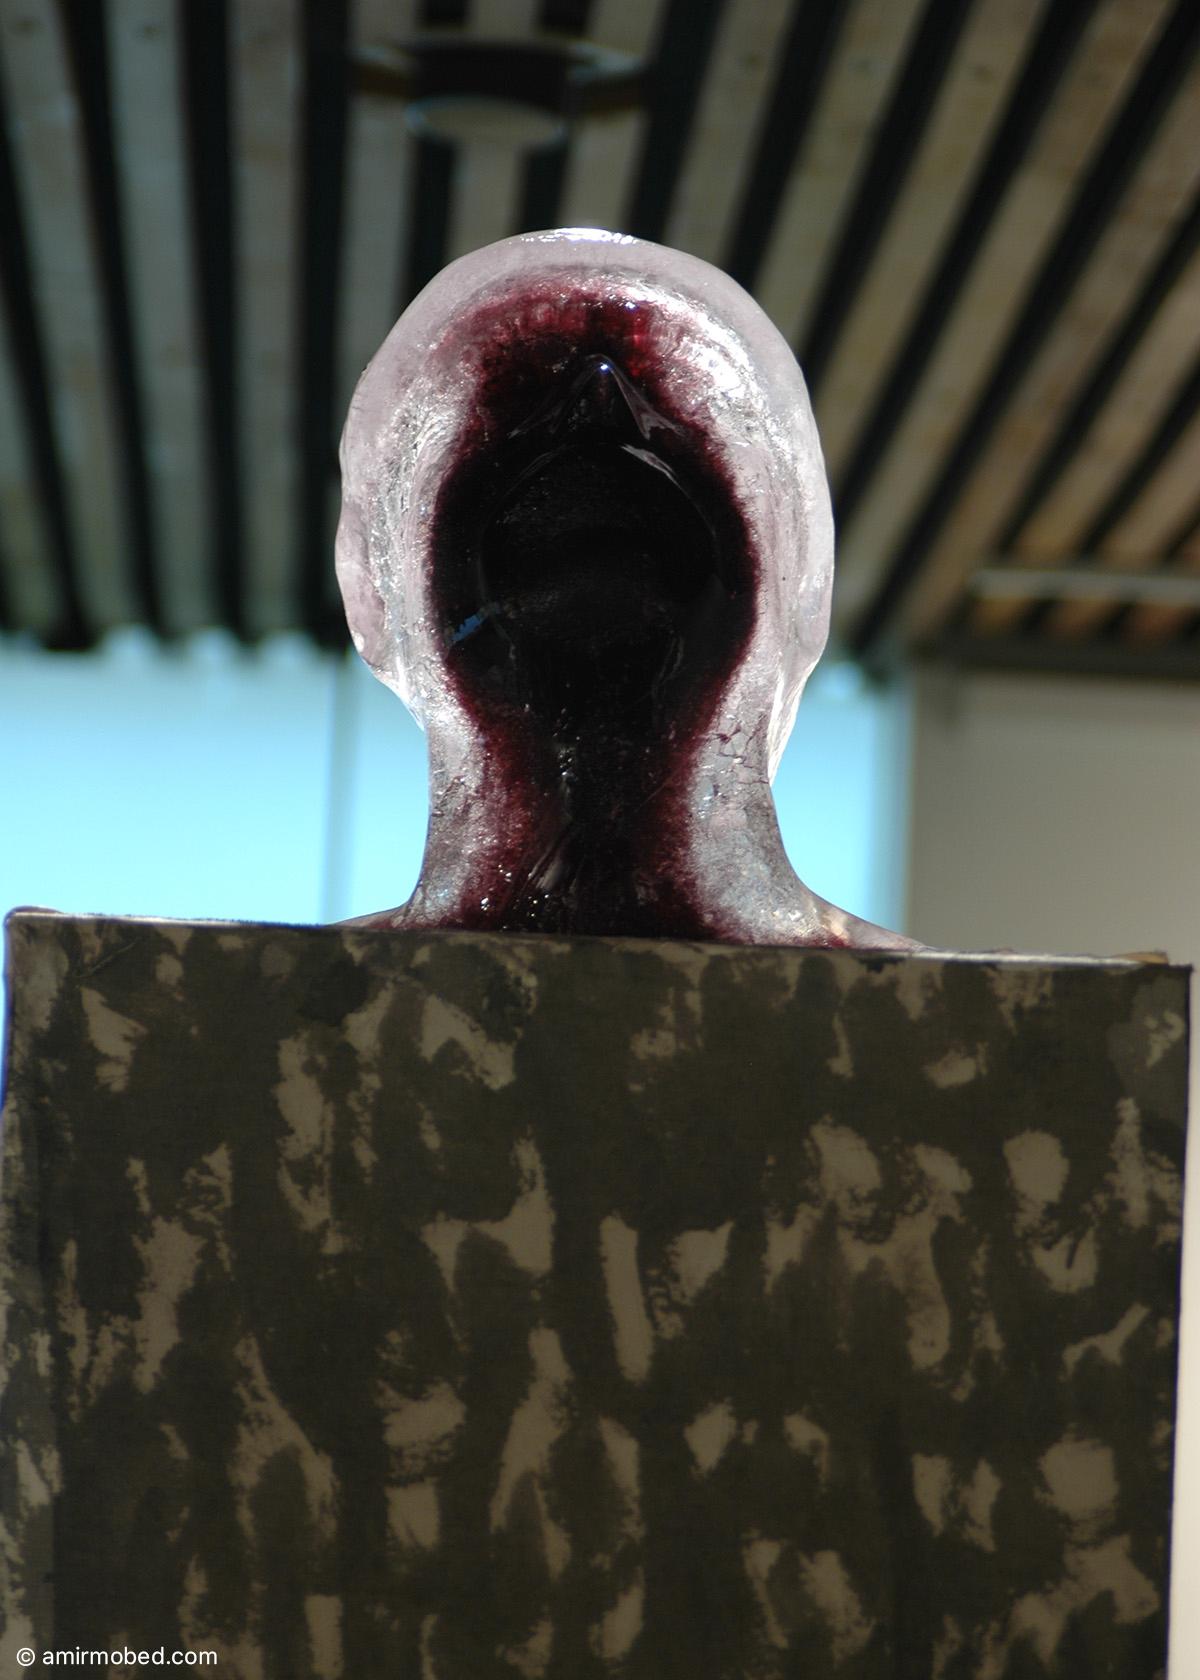 خودنگاره، ۱۳۸۶، چیدمان، پایه با روکش پارچه، جوهر رنگ در قالب یخ